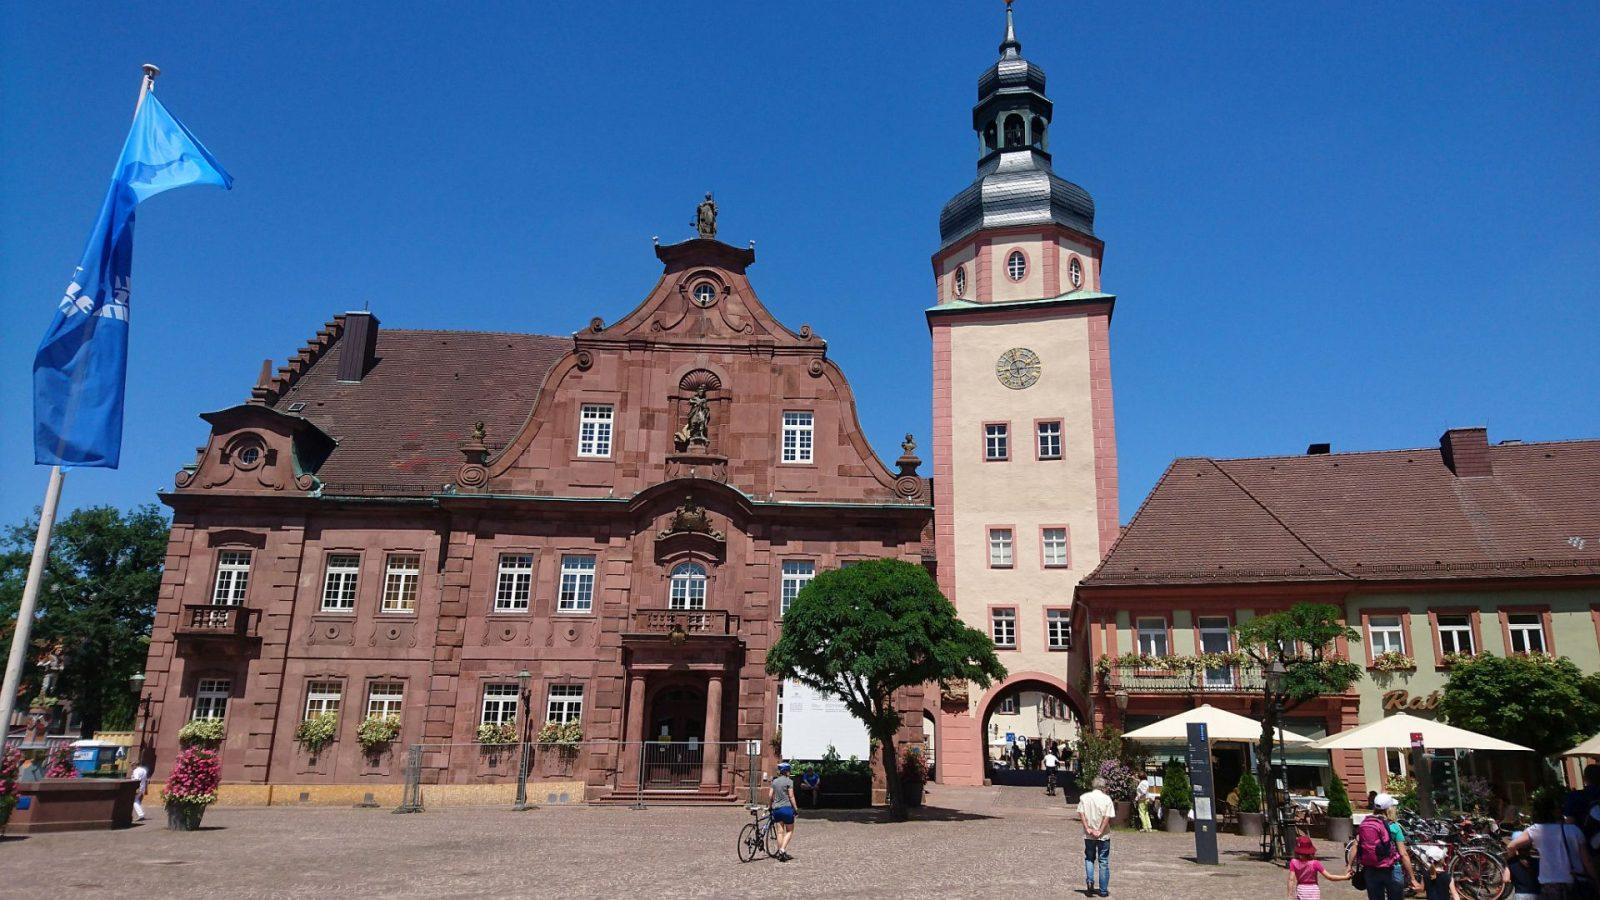 Rathaus Ettlingen mit dem Rathausturm